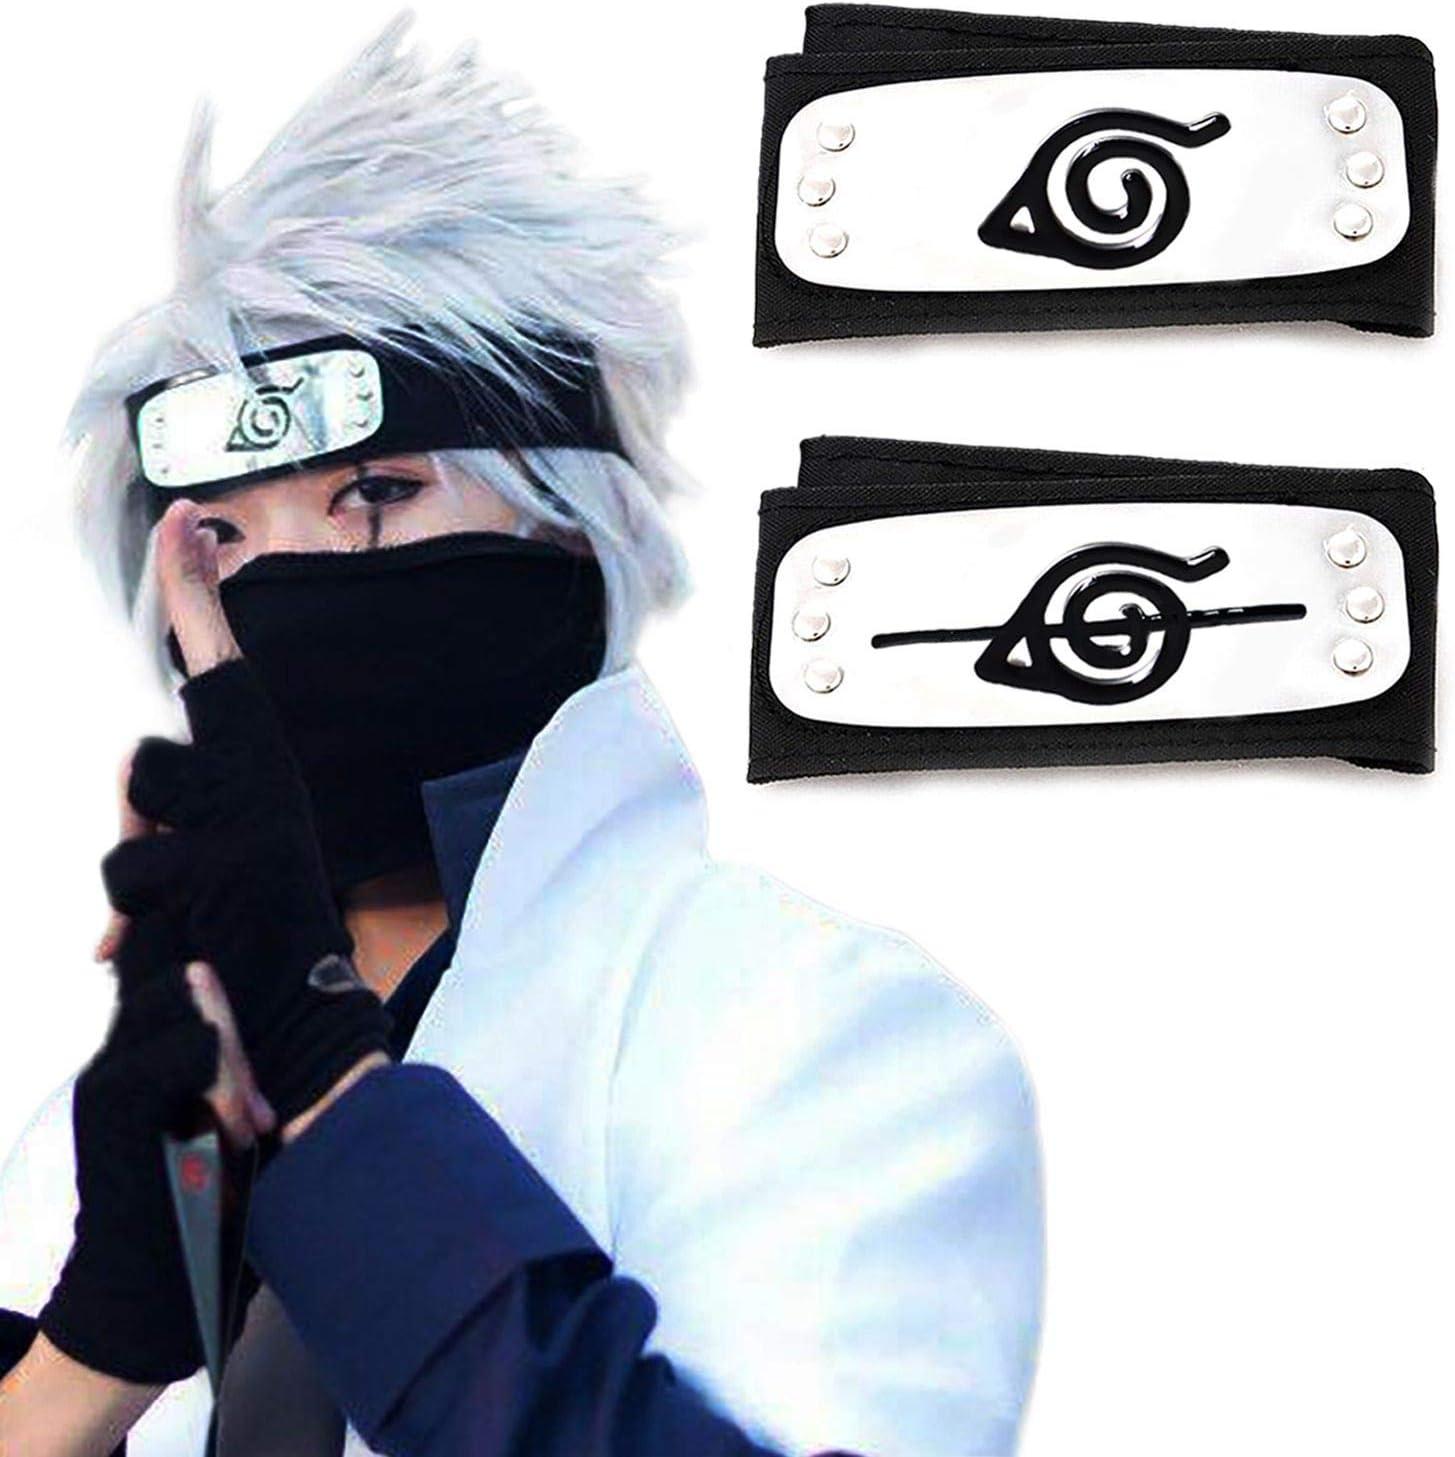 Atenia Cosplay Headband, 2 PCS Costume Leaf and Anti Leaf Village Ninja Headband Kakashi Cosplay